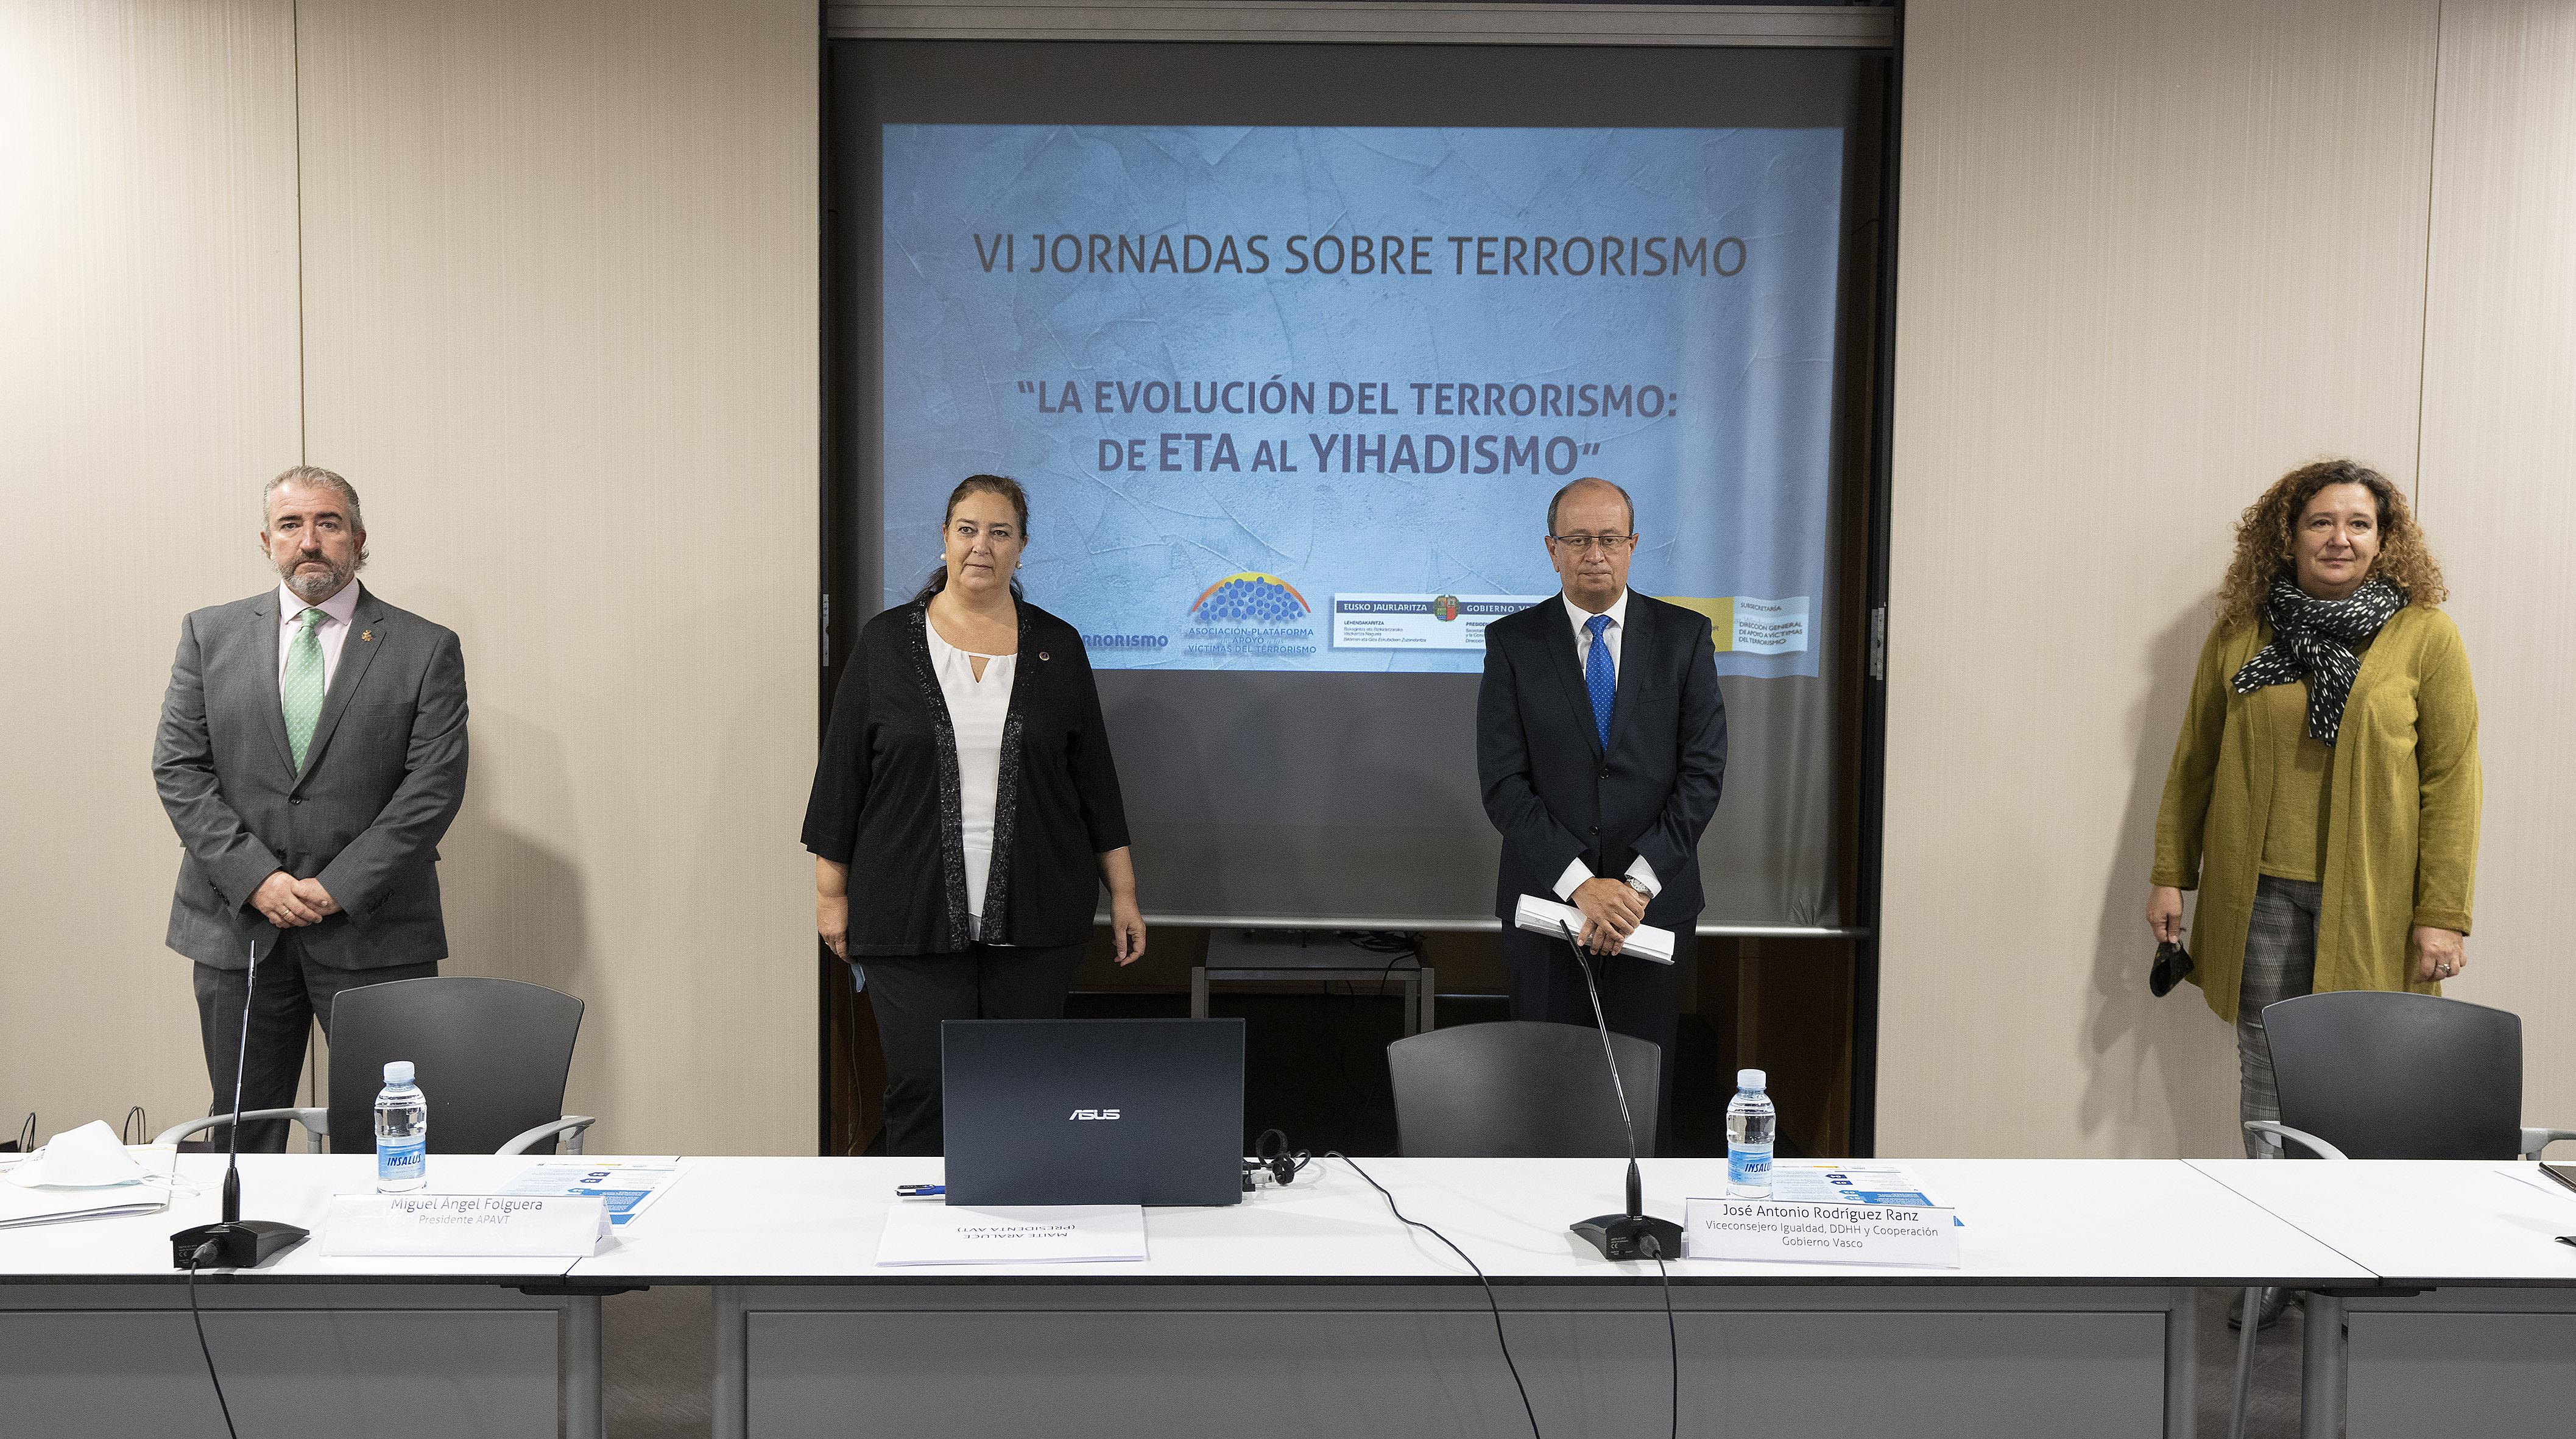 201020_jornadas_terrorismo_06.jpg